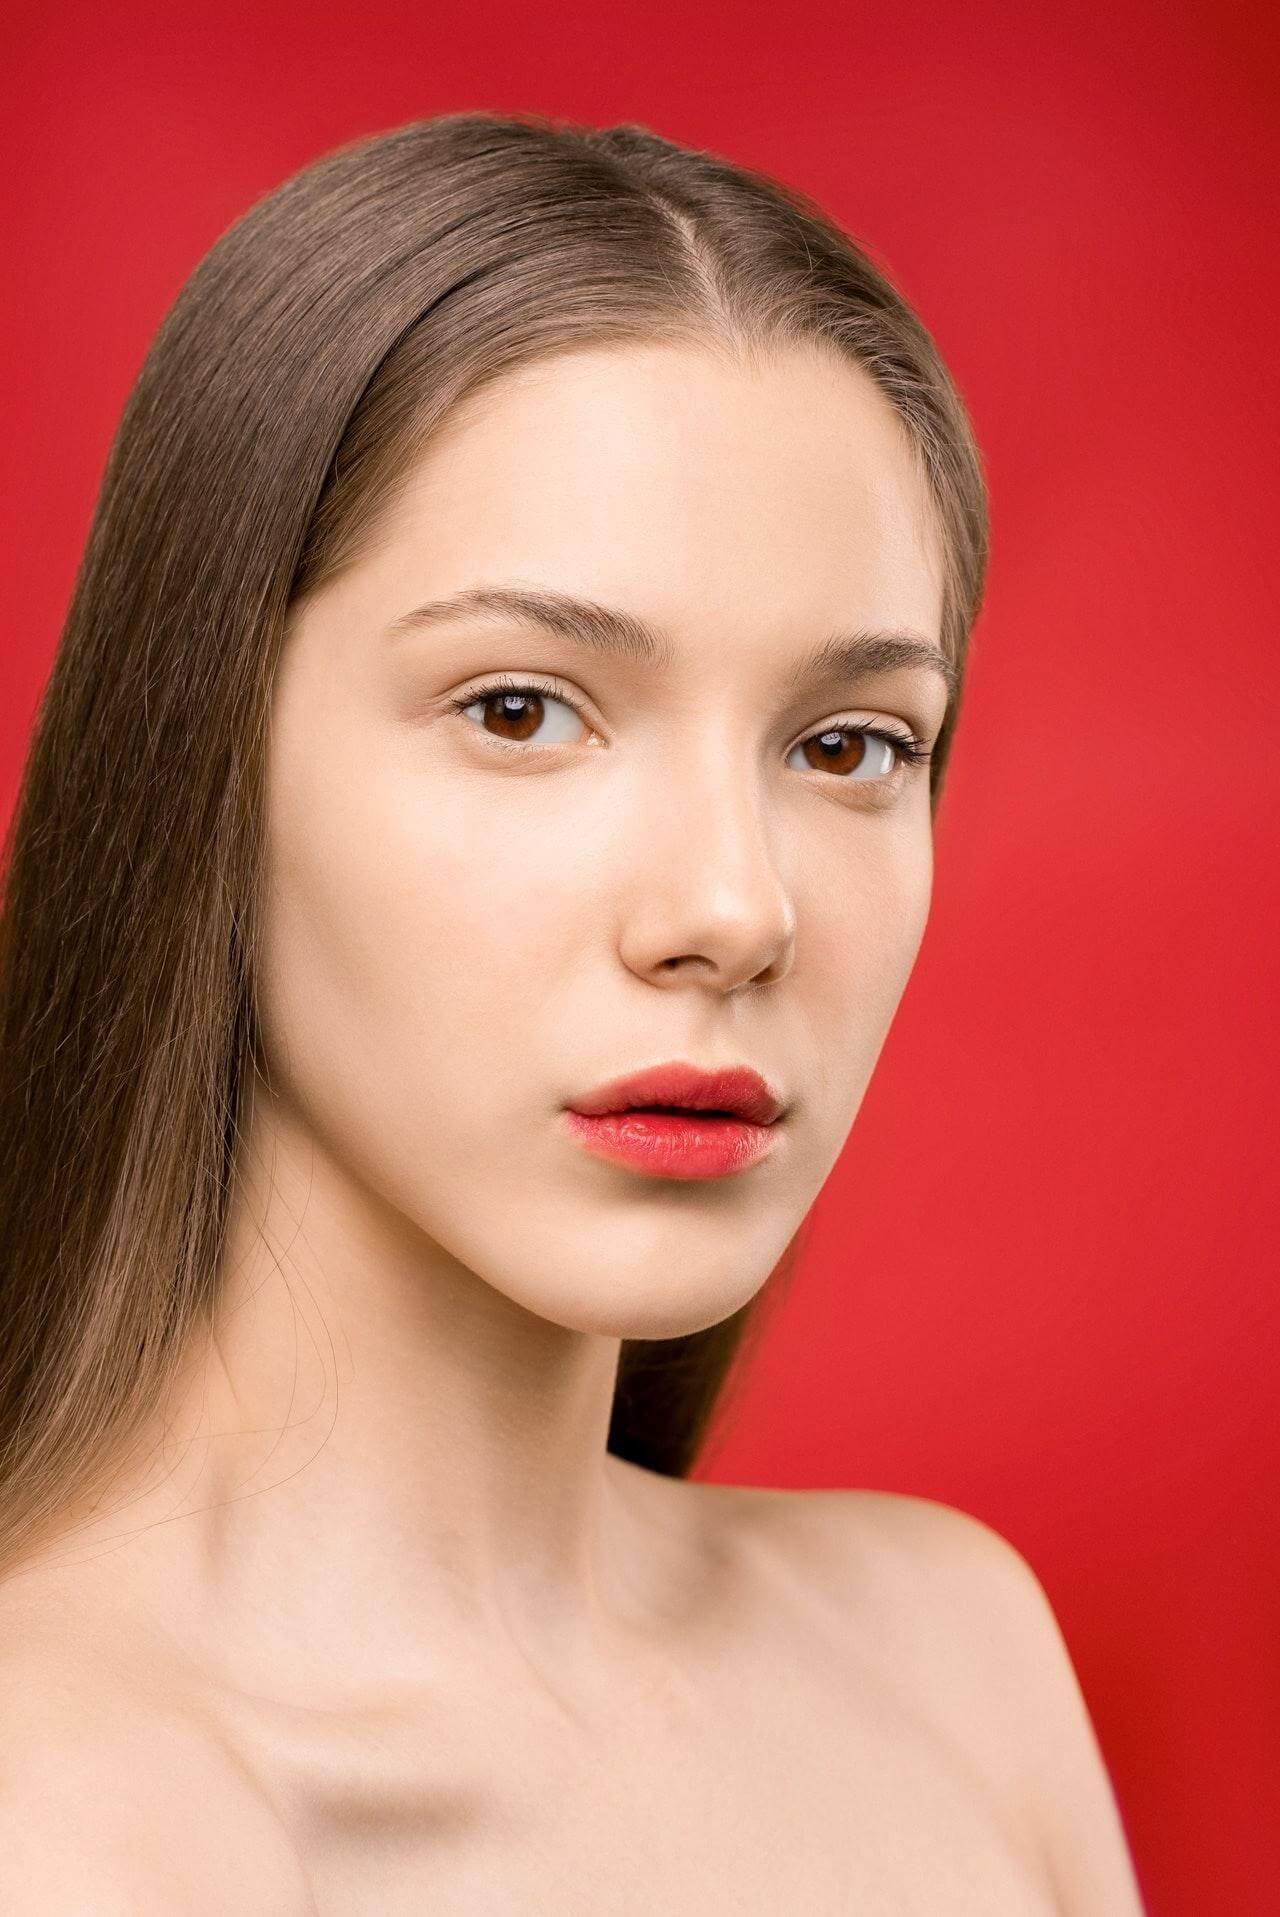 Lower Blepharoplasty - female face